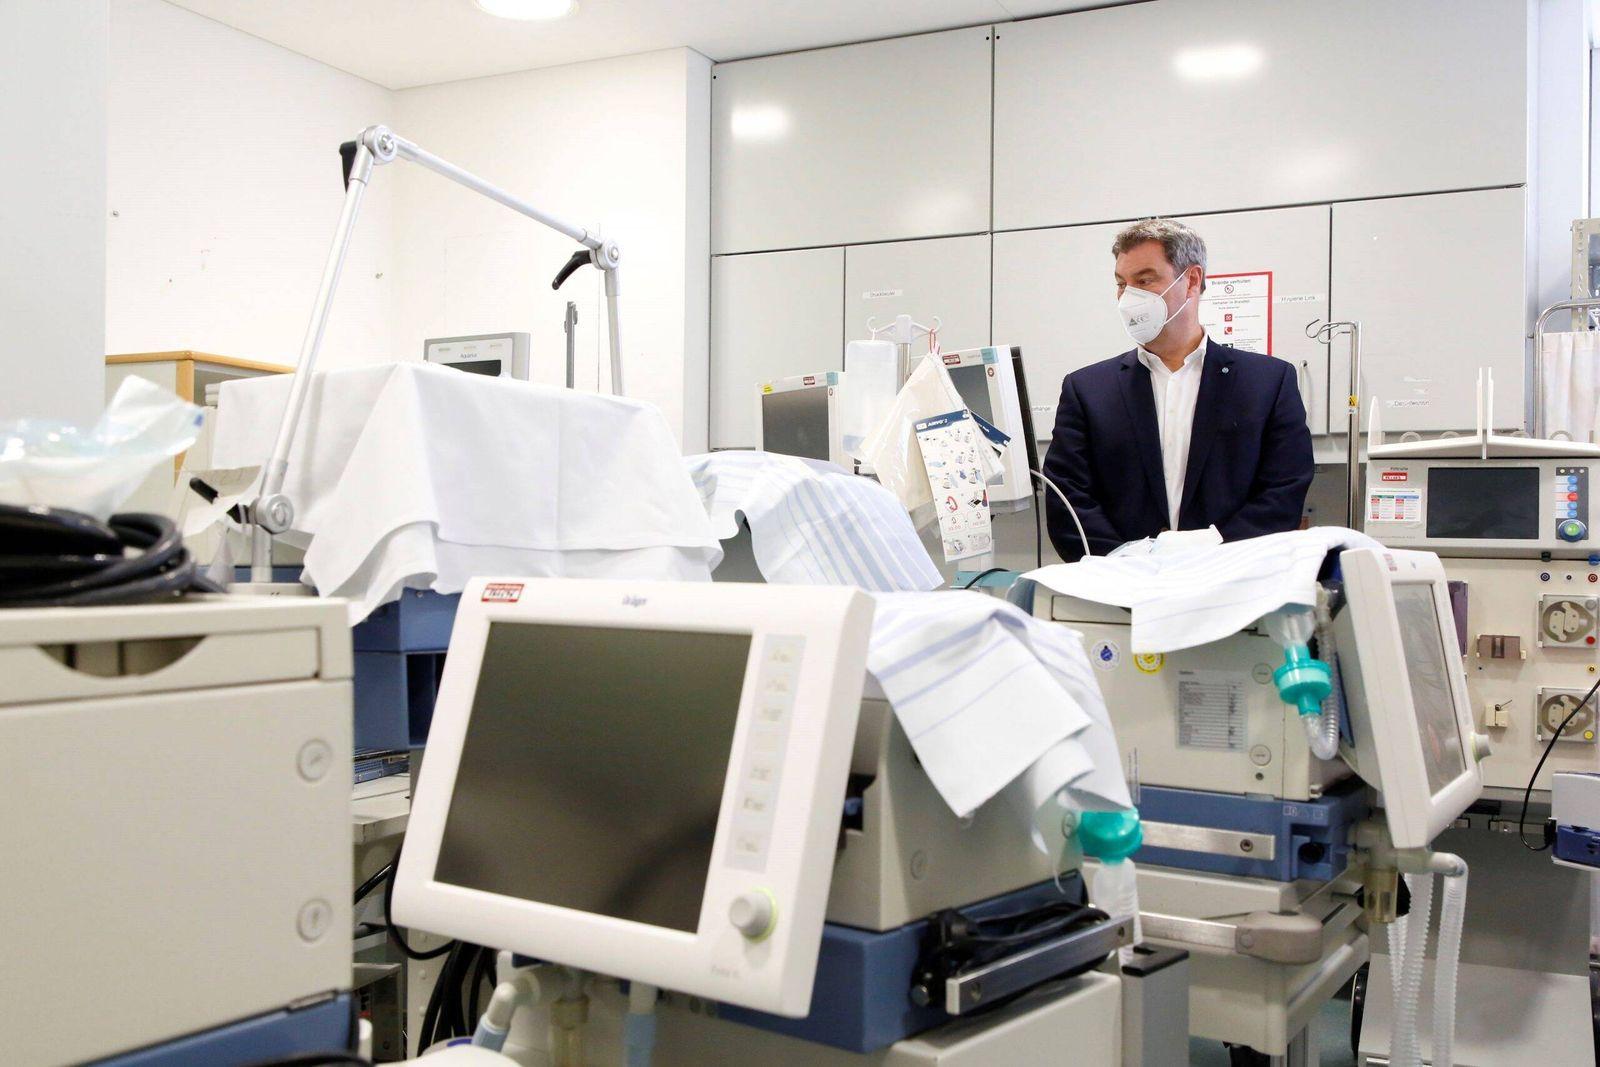 Ministerpräsident Dr. Markus Söder, MdL, bei einem Rundgang unter anderem in einer Intensiveinheit mit mit zusätzlichen